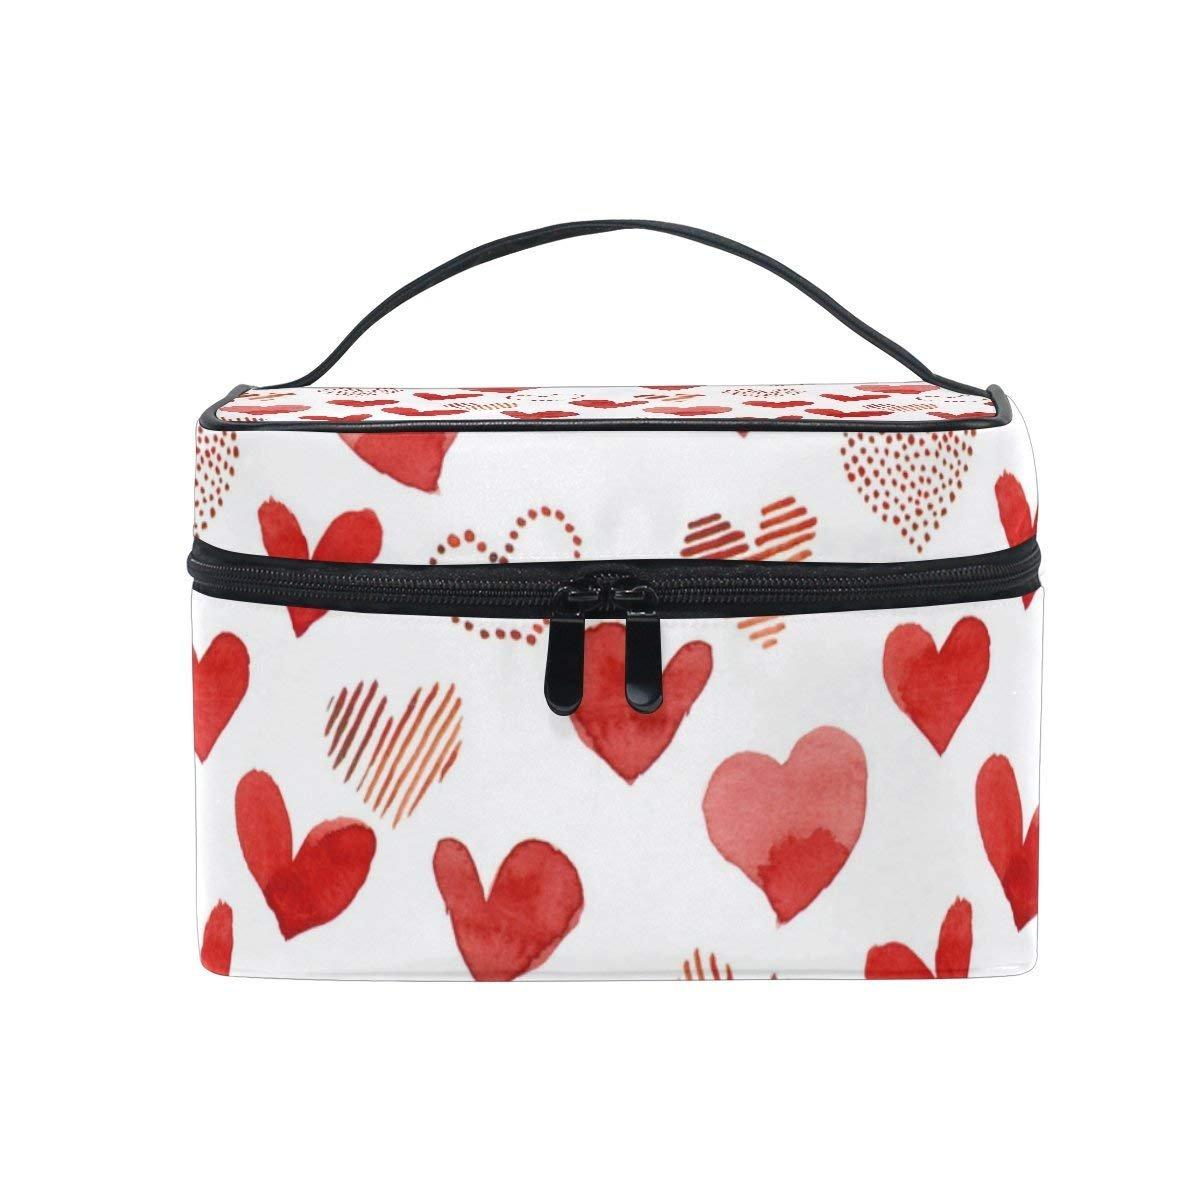 Makeup Bag Red Love Heart Mens Travel Toiletry Bag Mens Cosmetic Bags for Women Fun Large Makeup Organizer